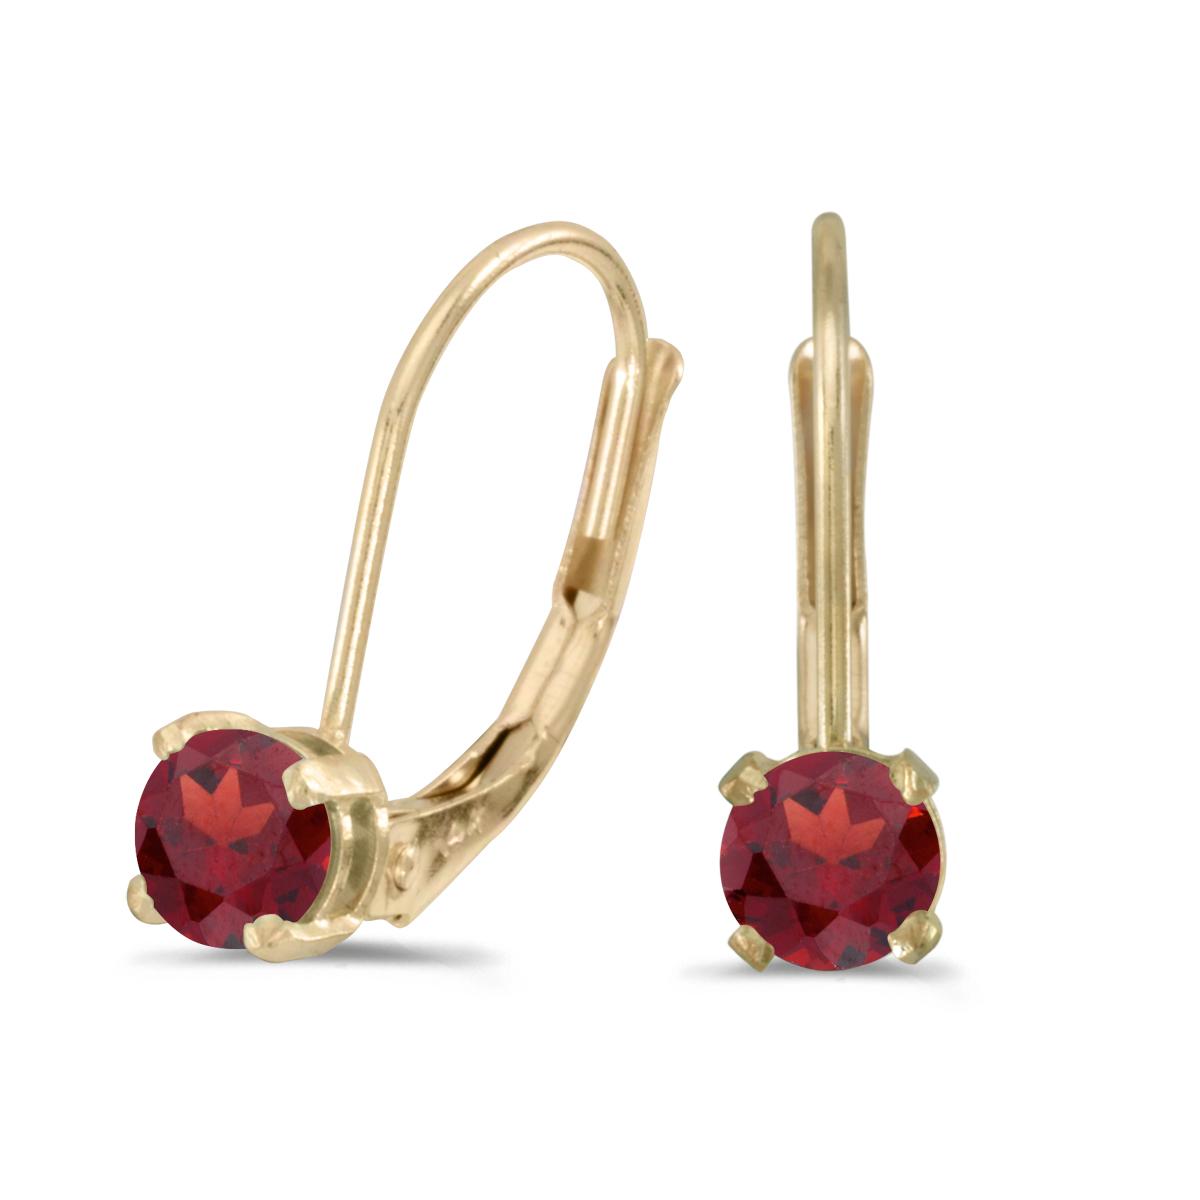 14k White Gold 4 mm Round Garnet Stud Earrings